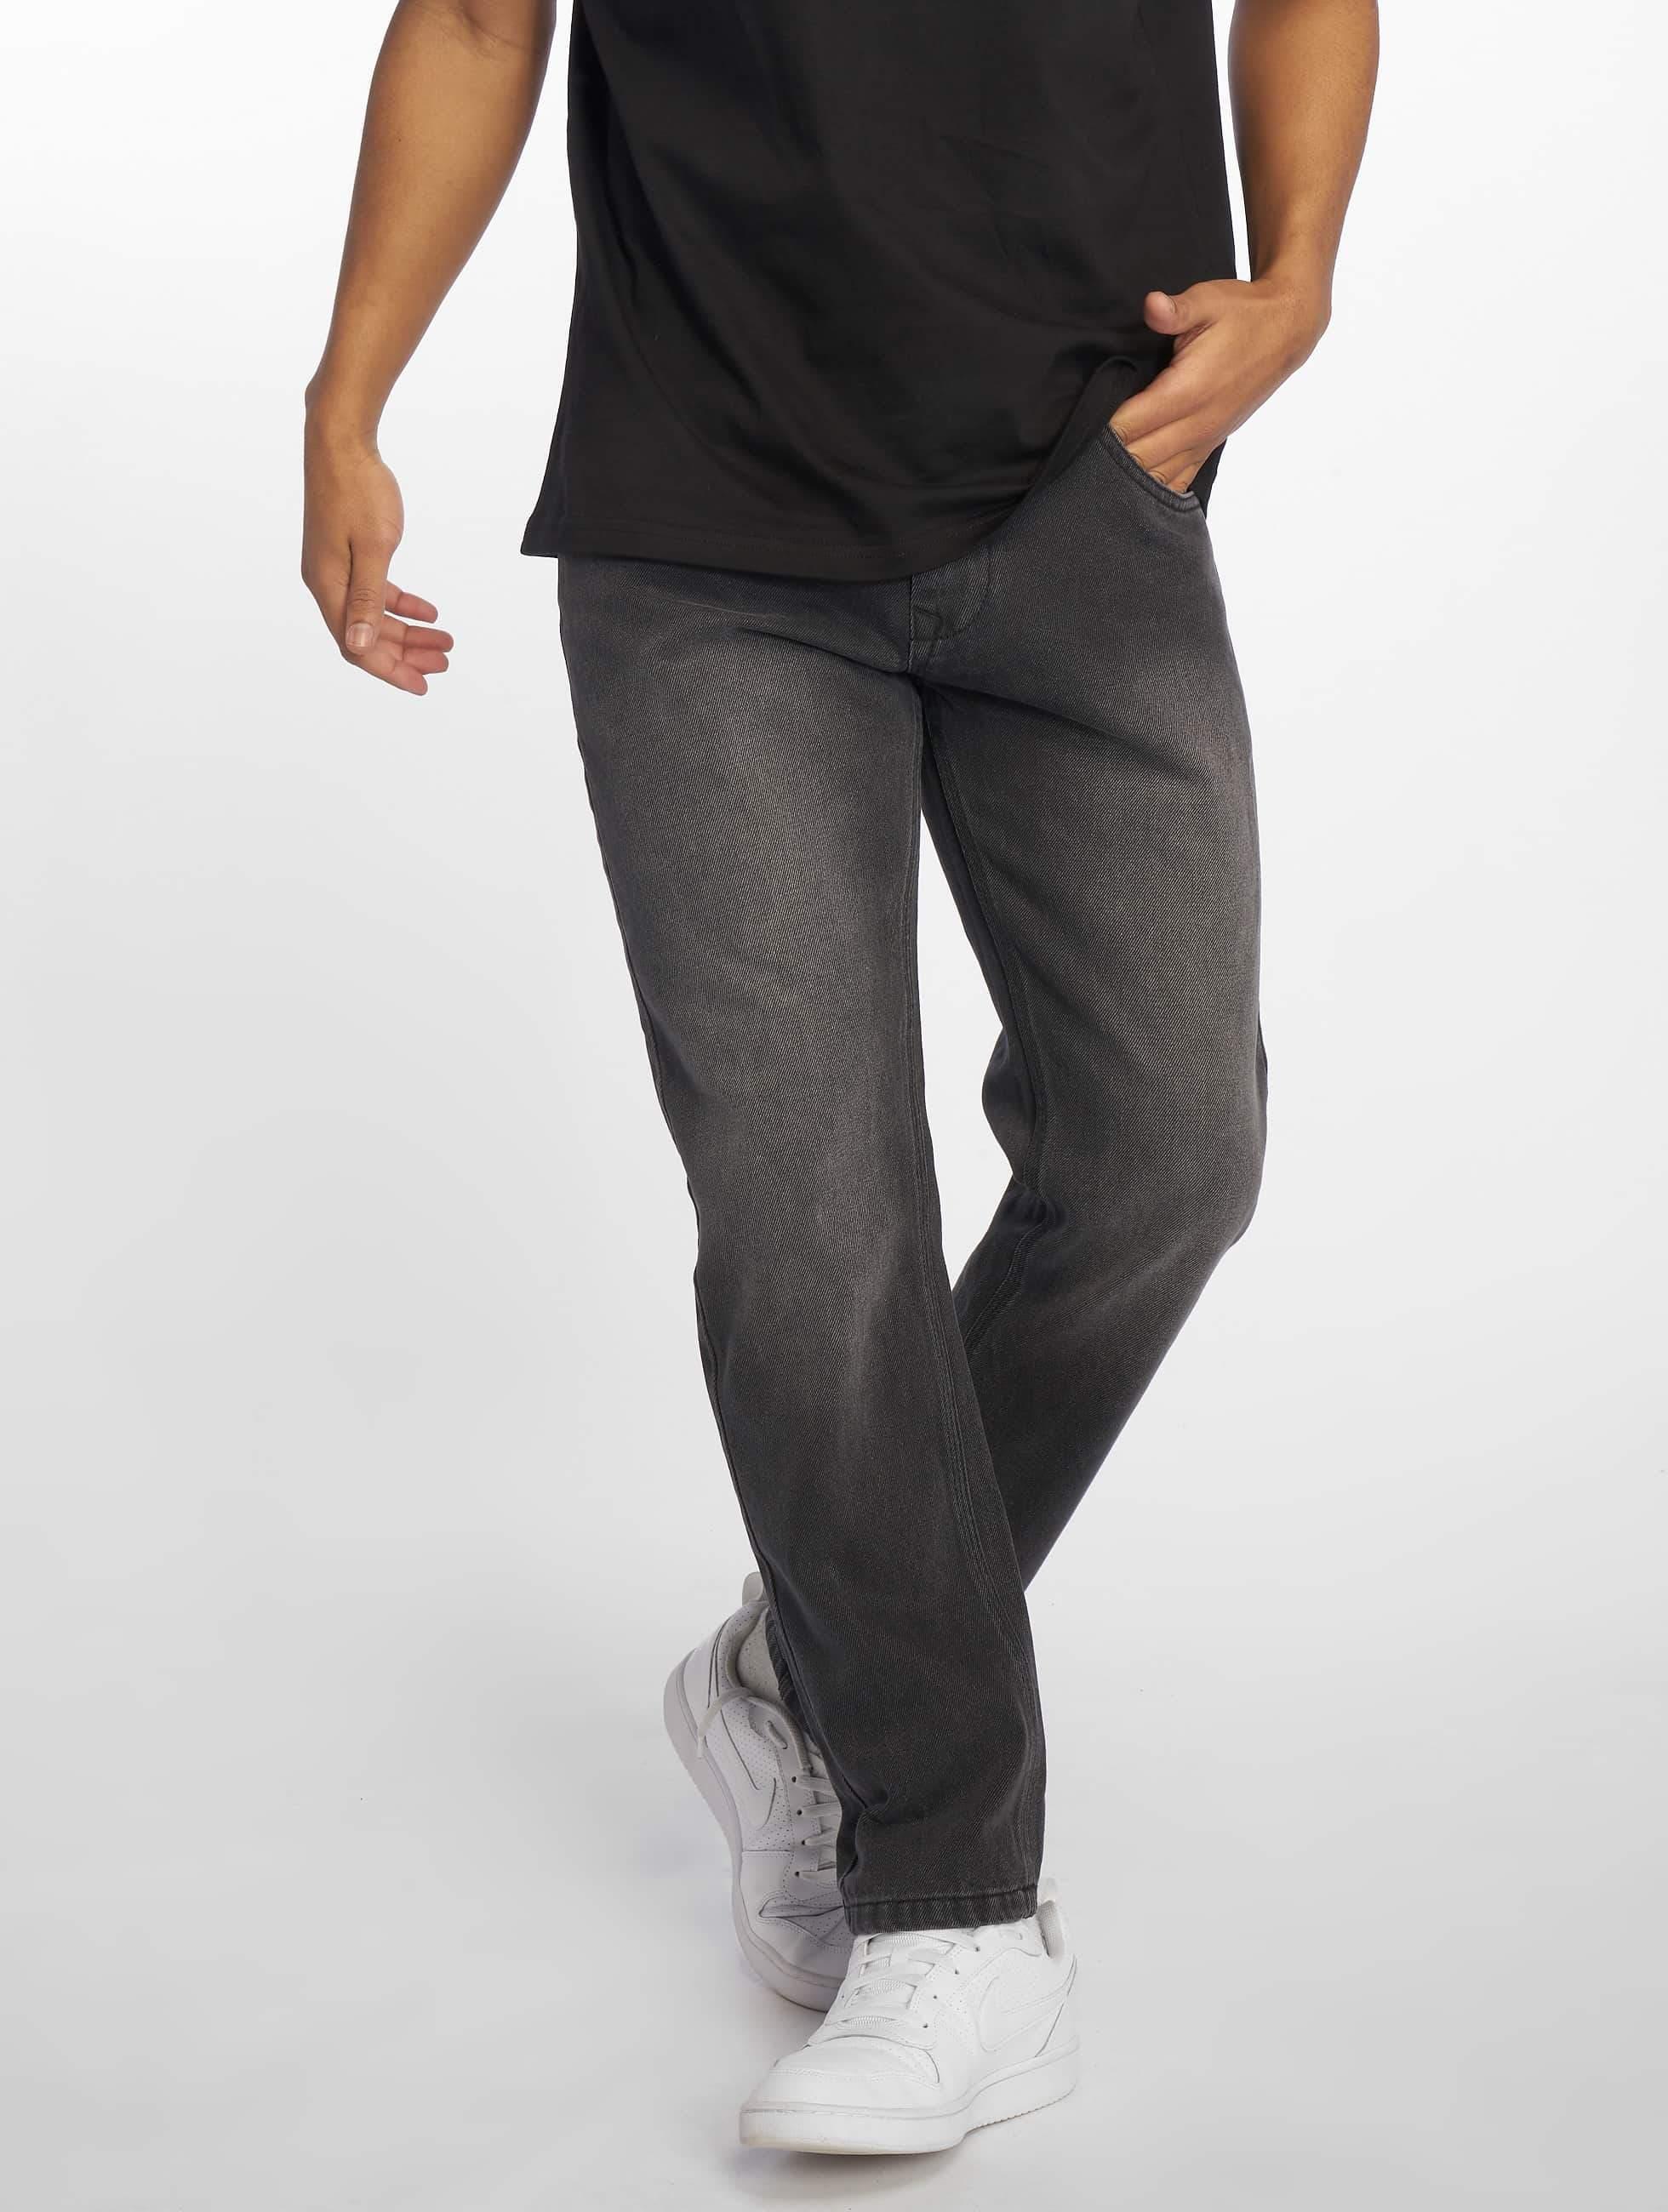 Ecko Unltd. / Straight Fit Jeans Mission Rd in black W 38 L 34